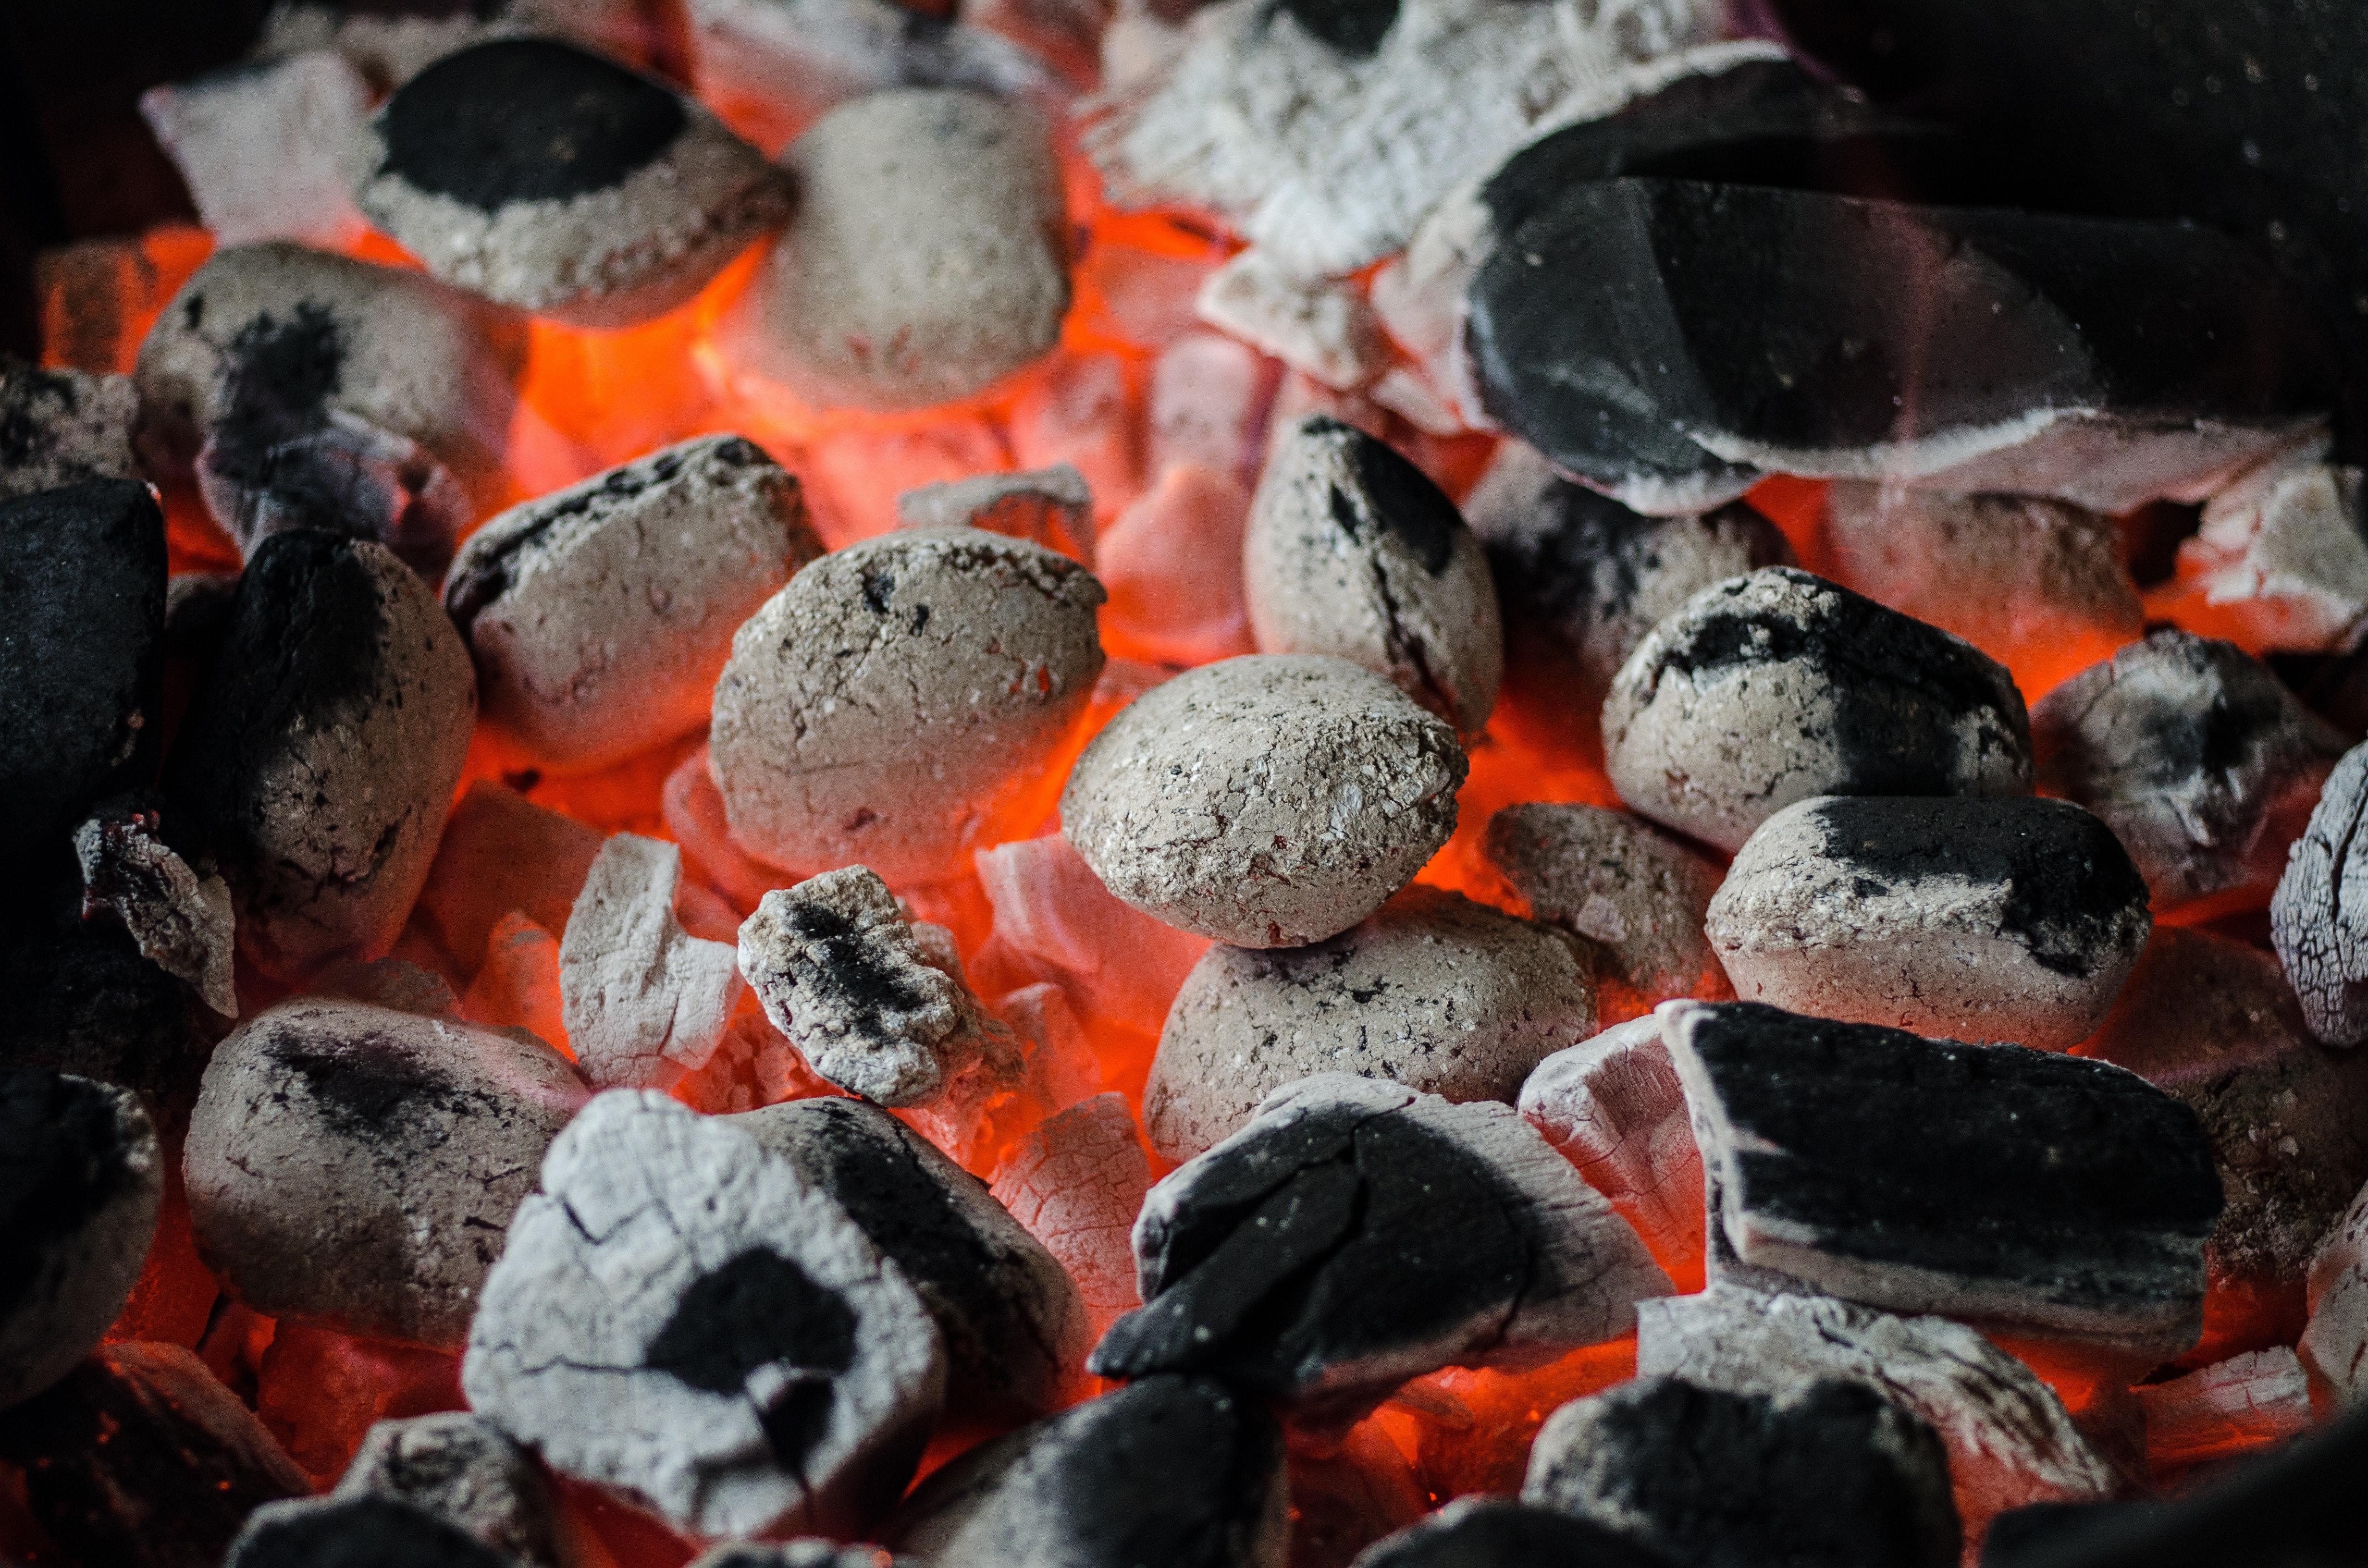 grill på altanen, grill, gasgrill, engangsgrill, altan, regler, love, sikkerhed, brand, sommer, sol, mad, grillmad, grillkul, kul, tilladelse, lejlighed, urban living